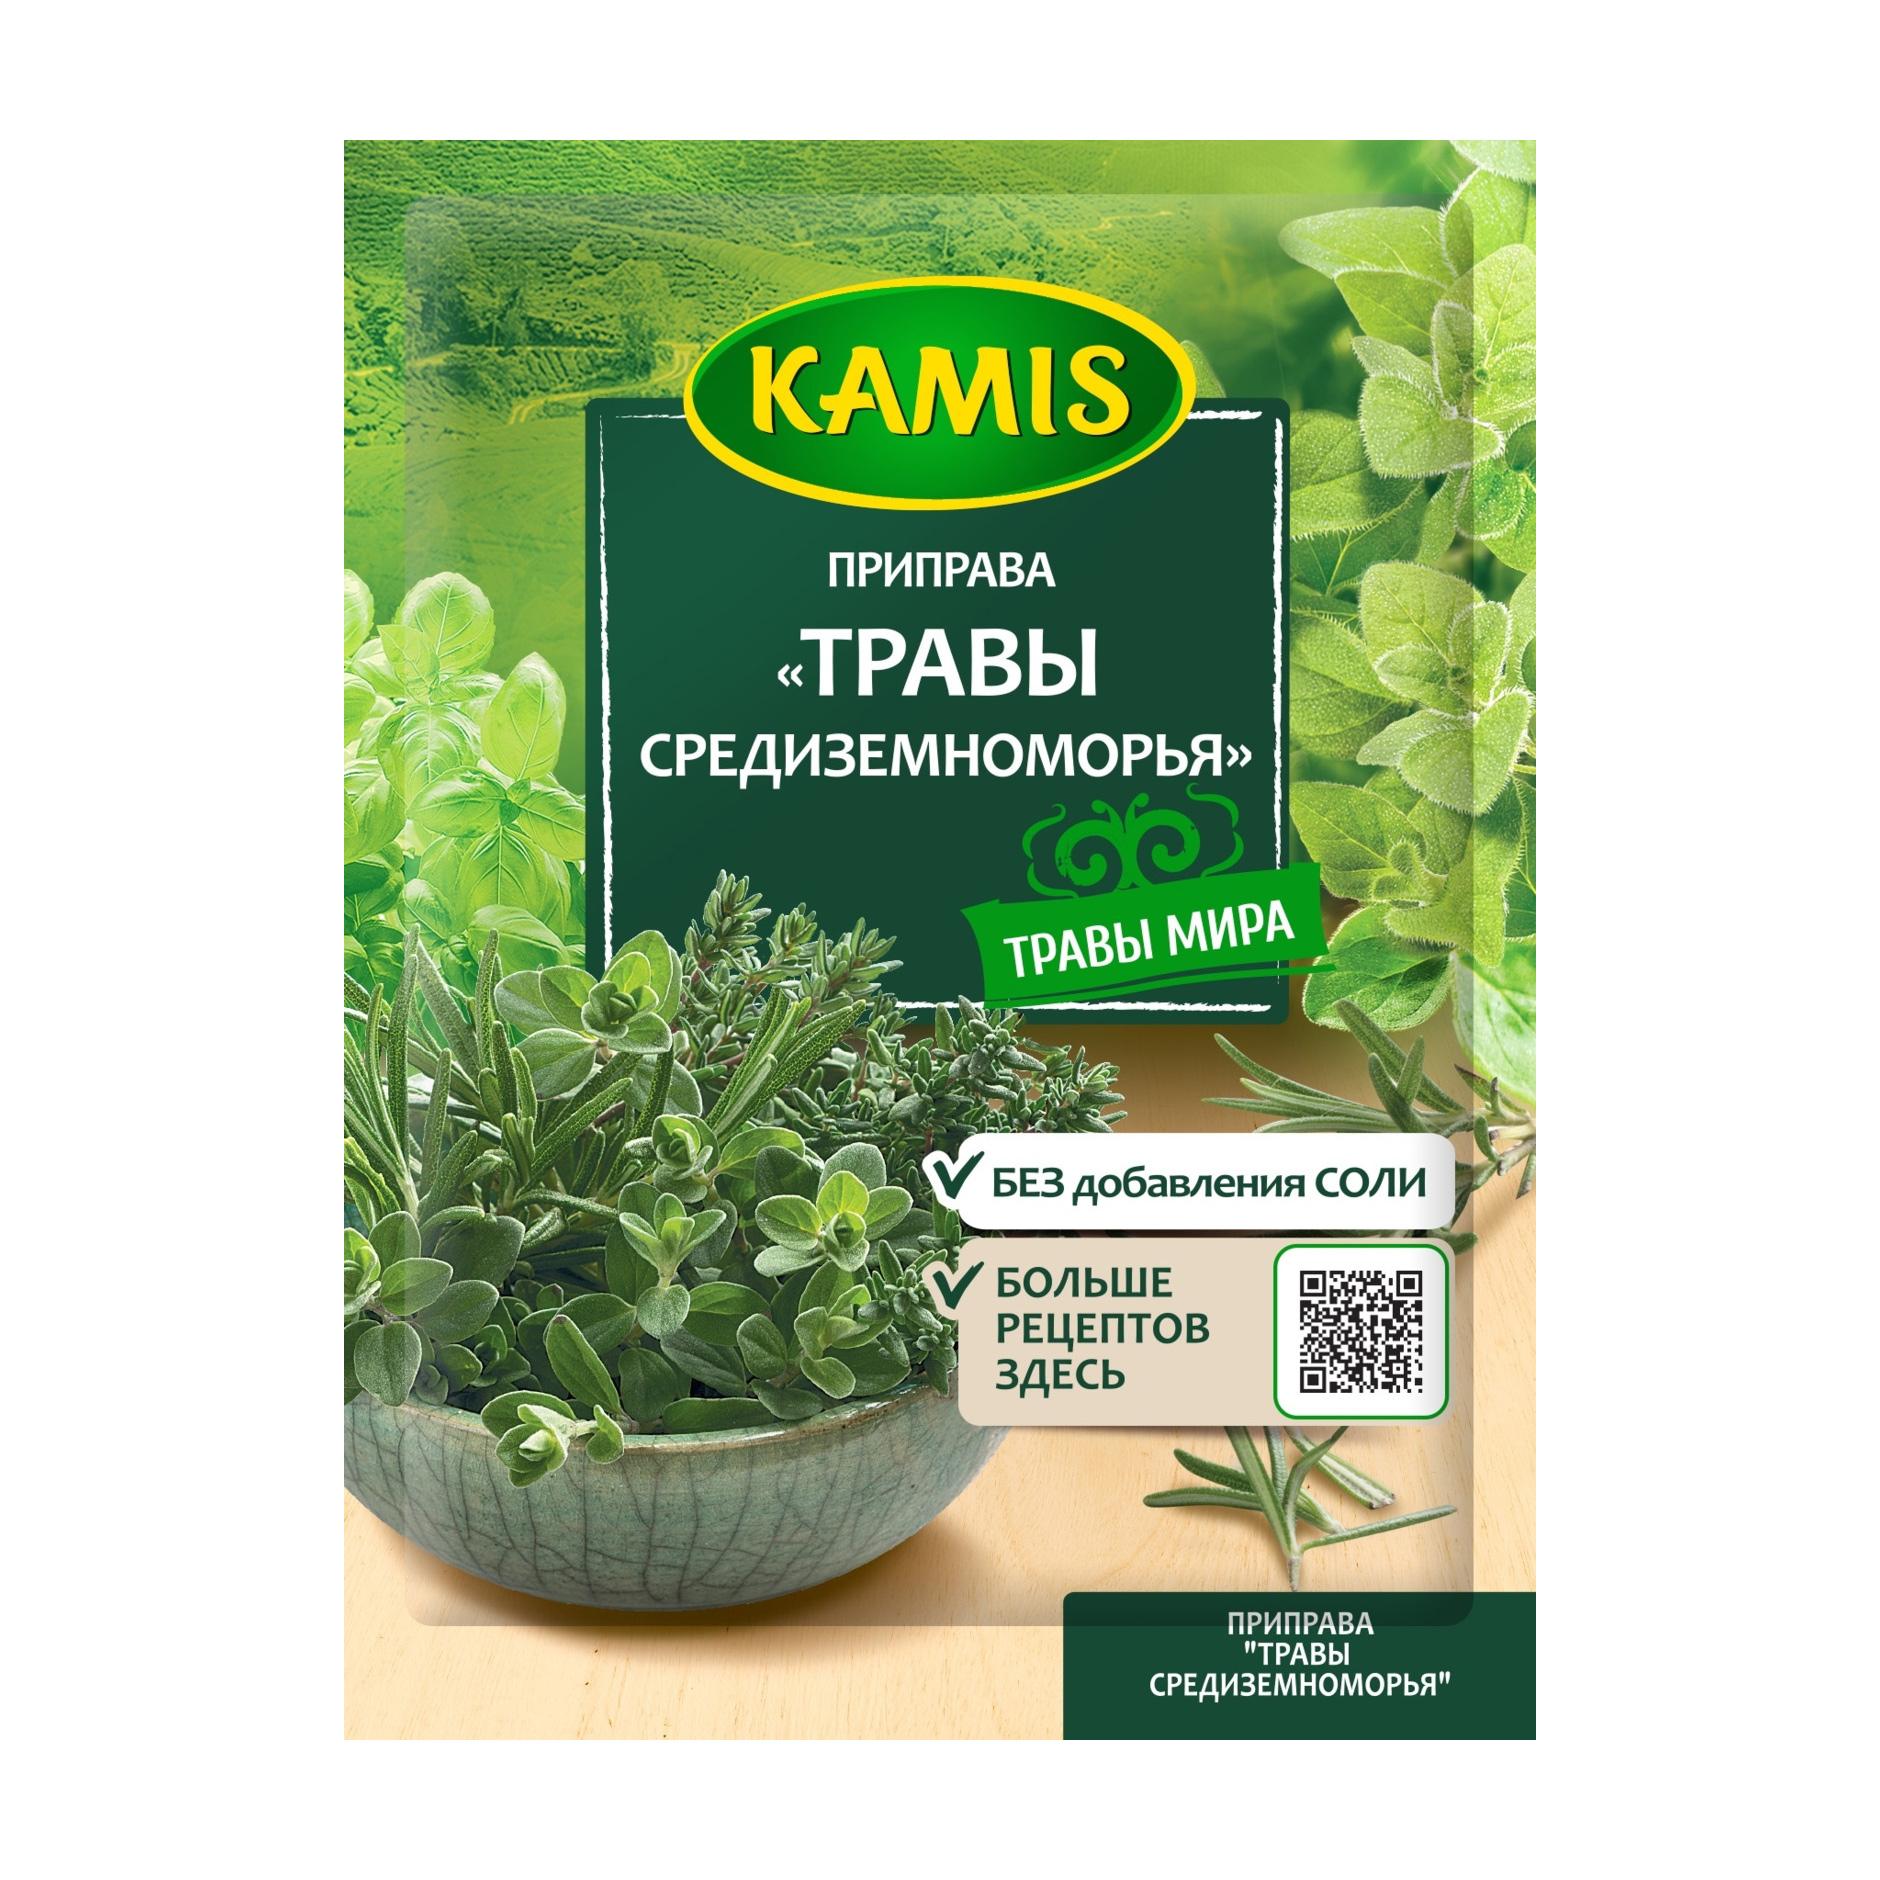 Травы Средиземноморья Kamis 10 г kamis приправа травы средиземноморья 4х10 г